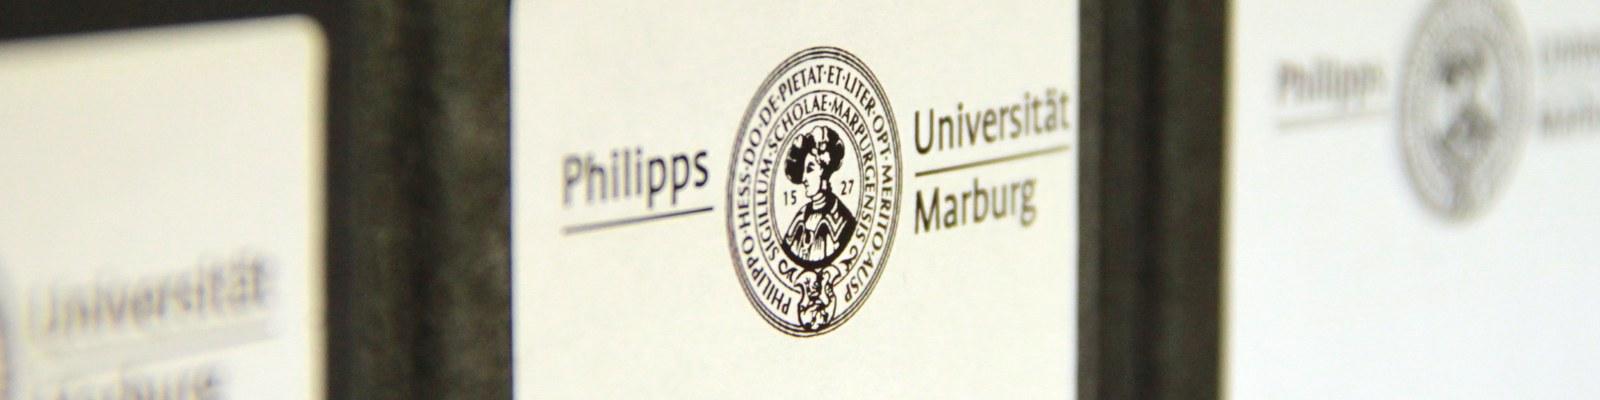 Ordner mit Philipps-Logo